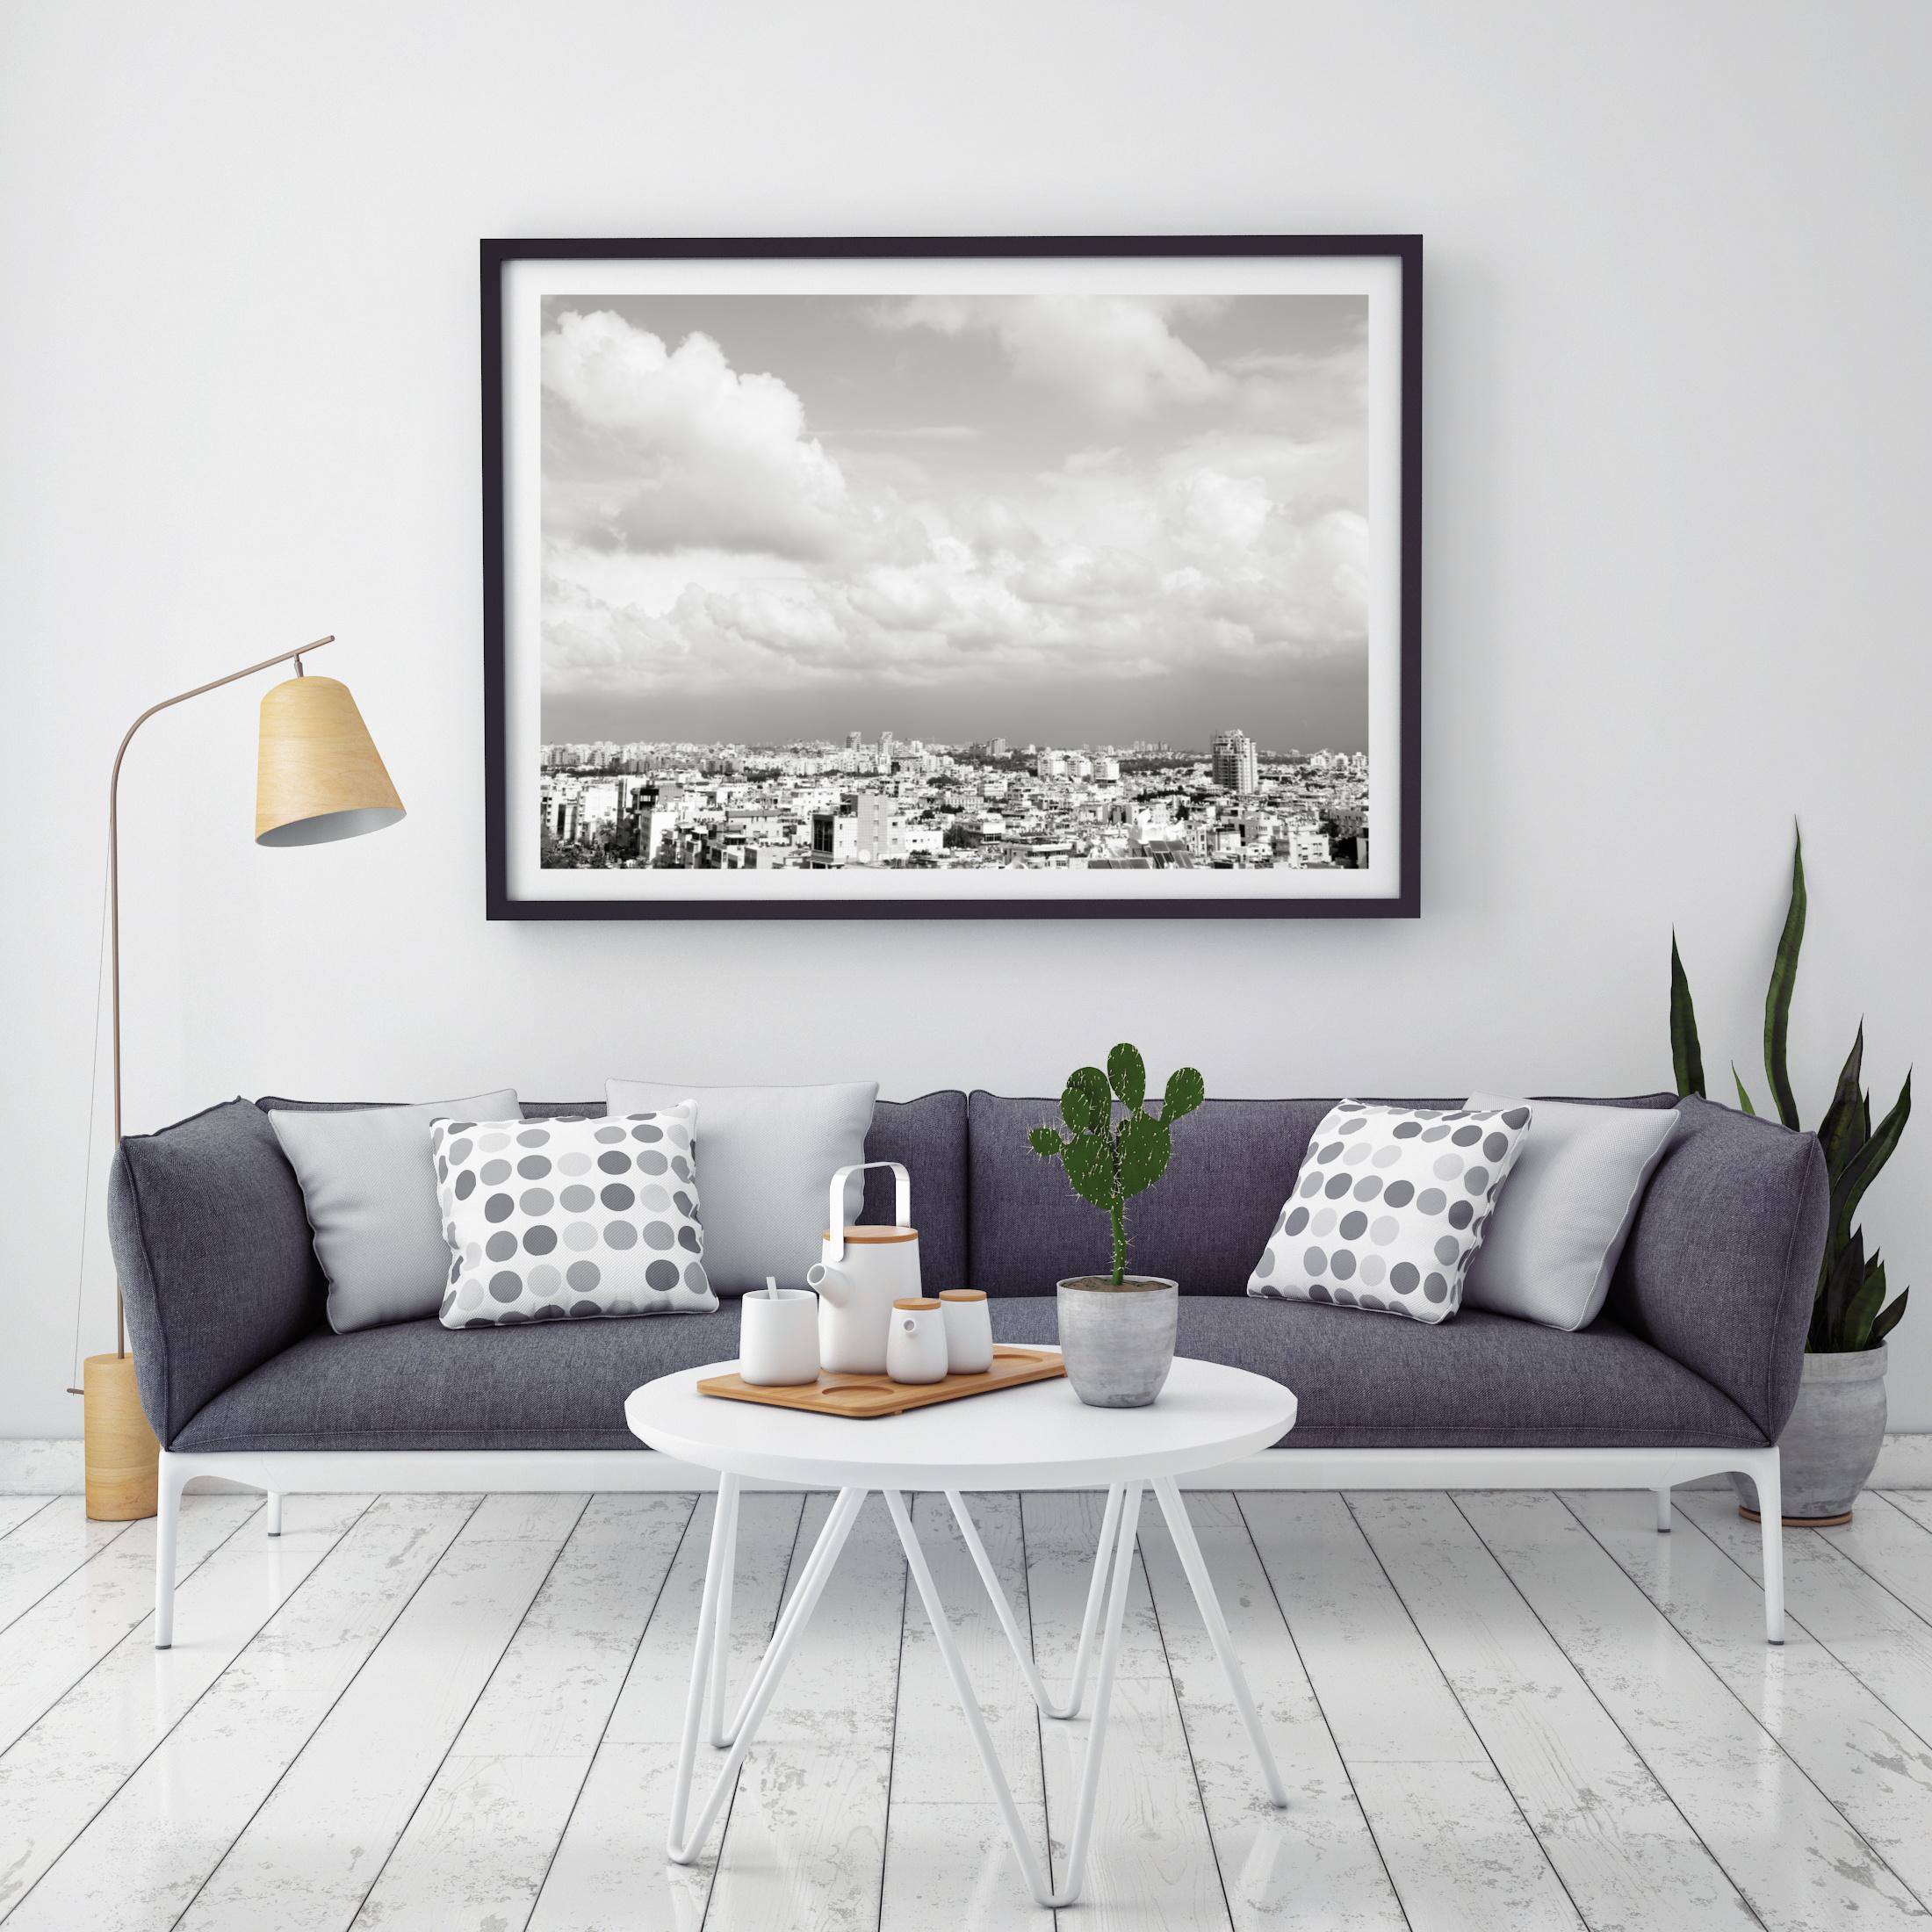 תמונה של גגות תל אביב בשחור לבן